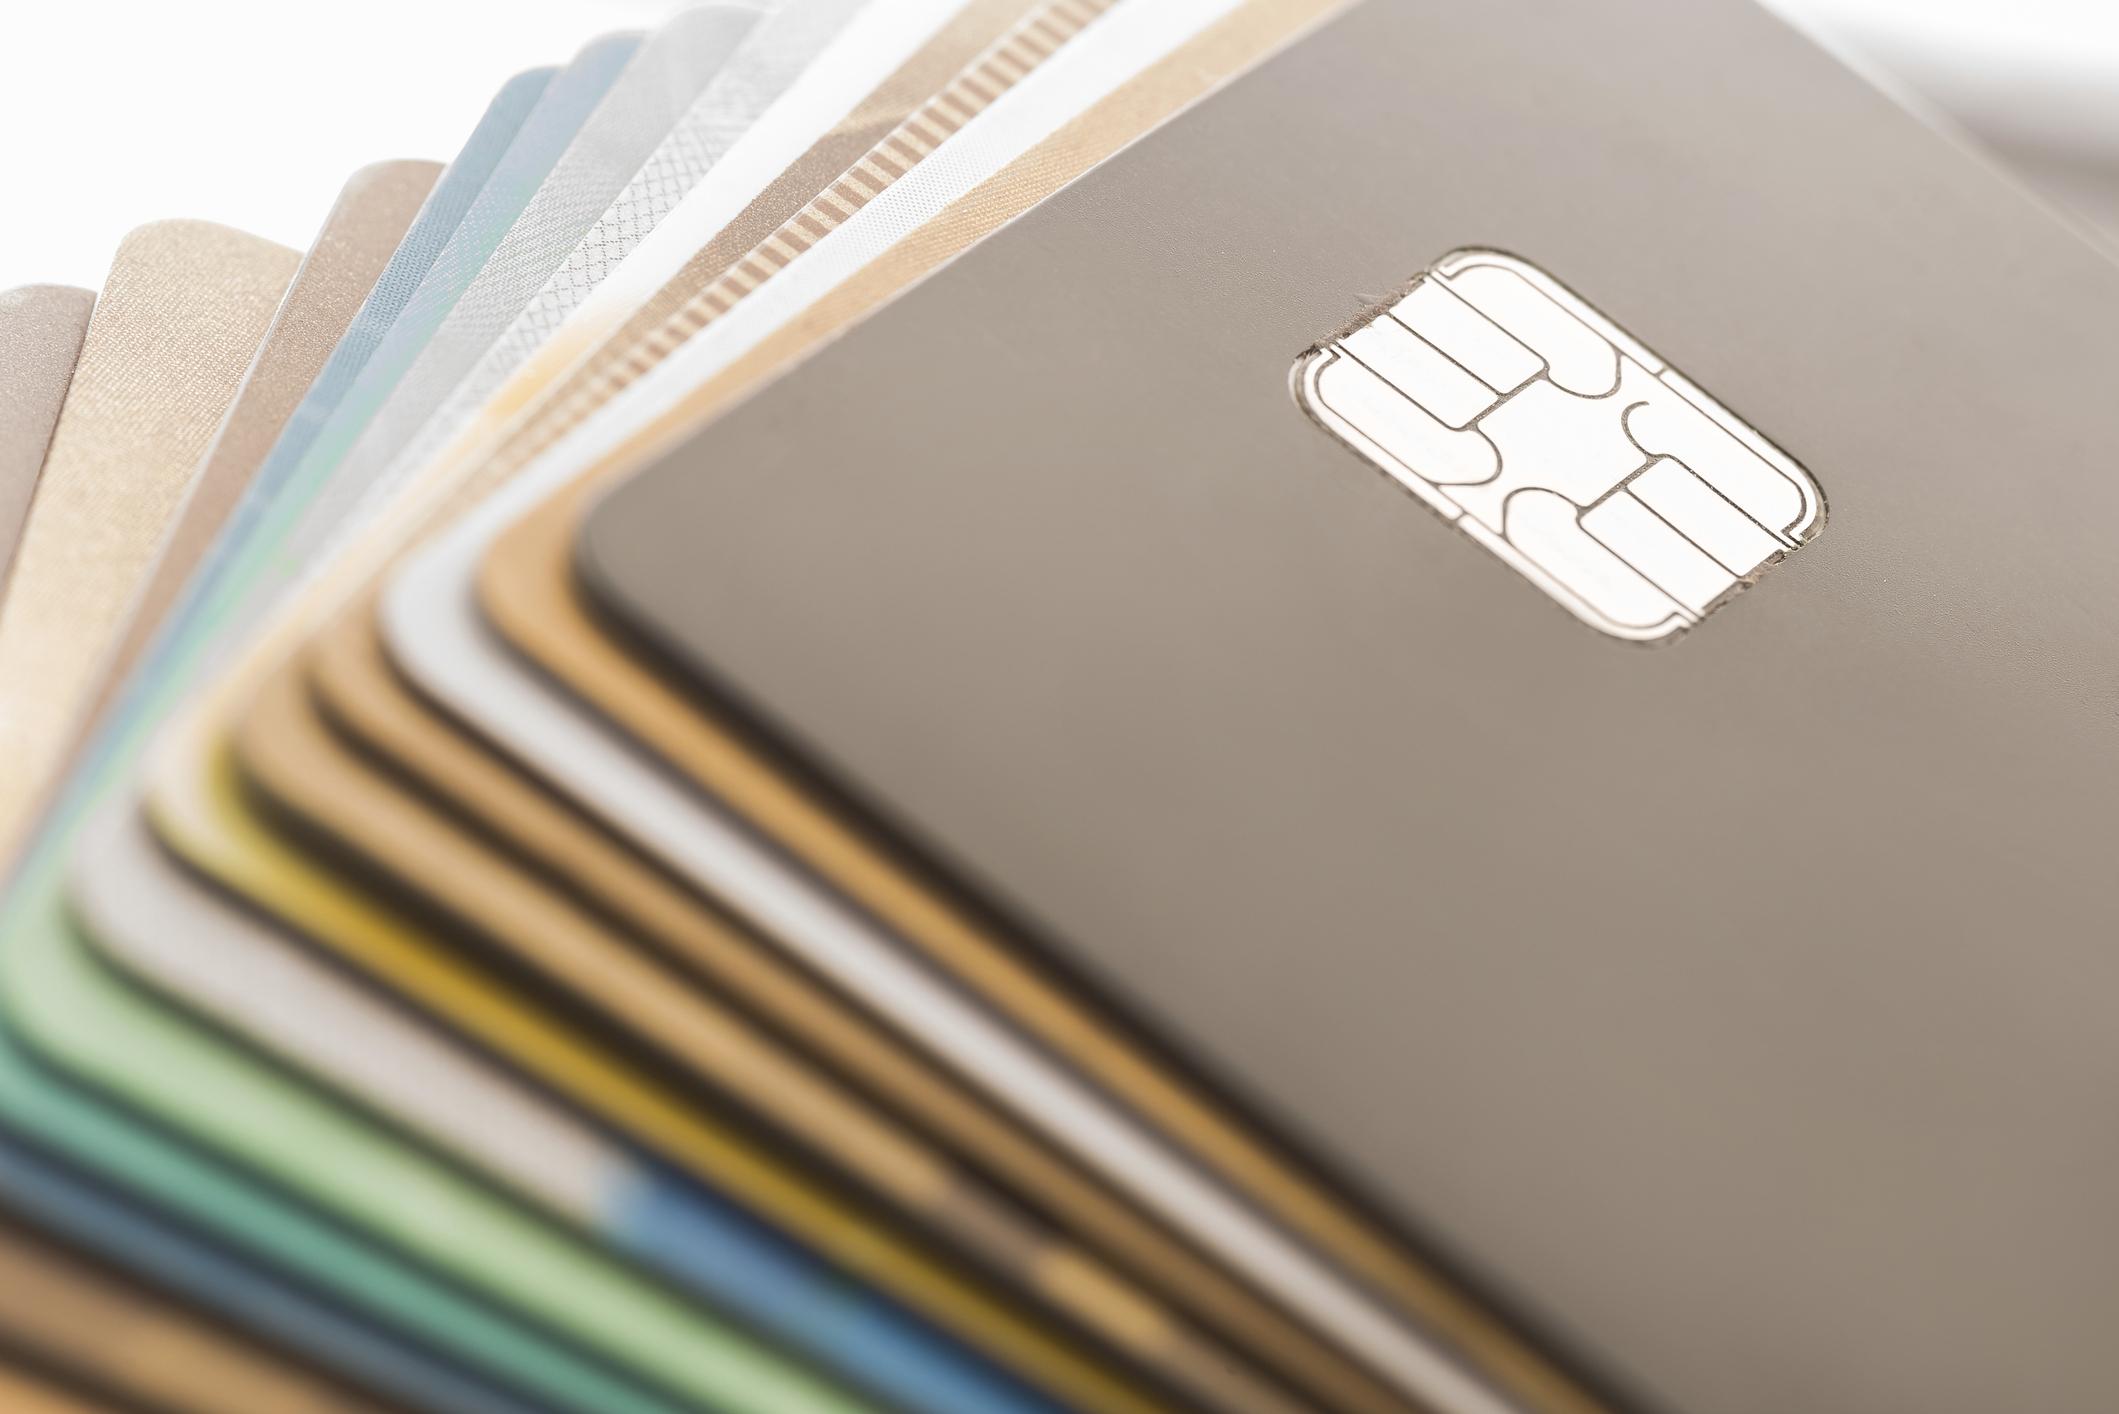 Kredi kartları, bilgisayar çizimi.